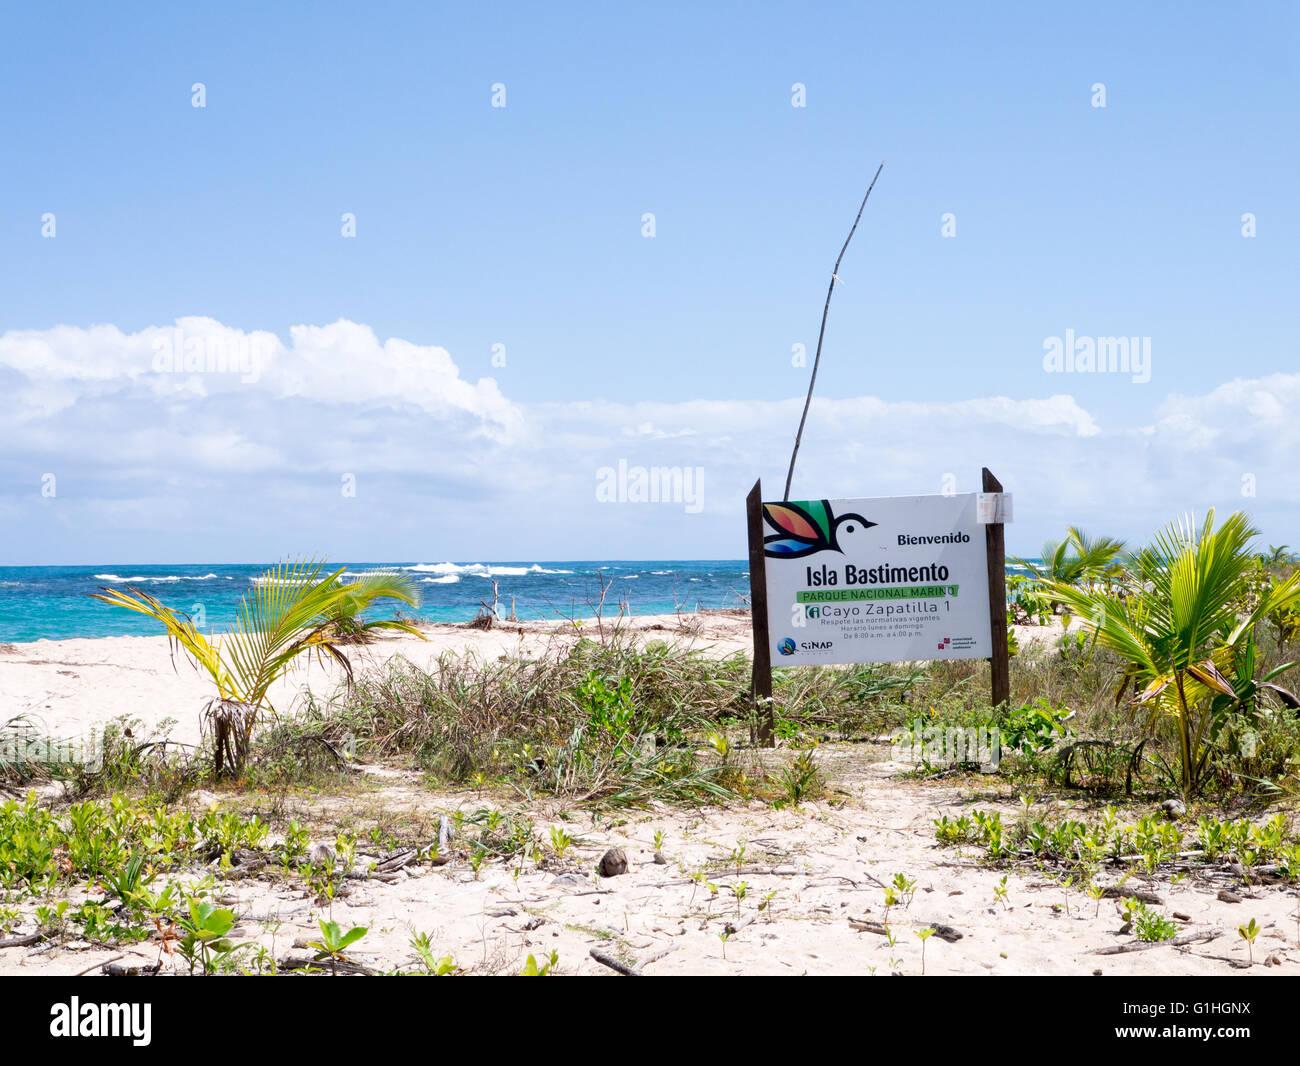 Isla Bastimento Cayo Zapatilla 1 in Bocas del Toro, Panama Stock Photo